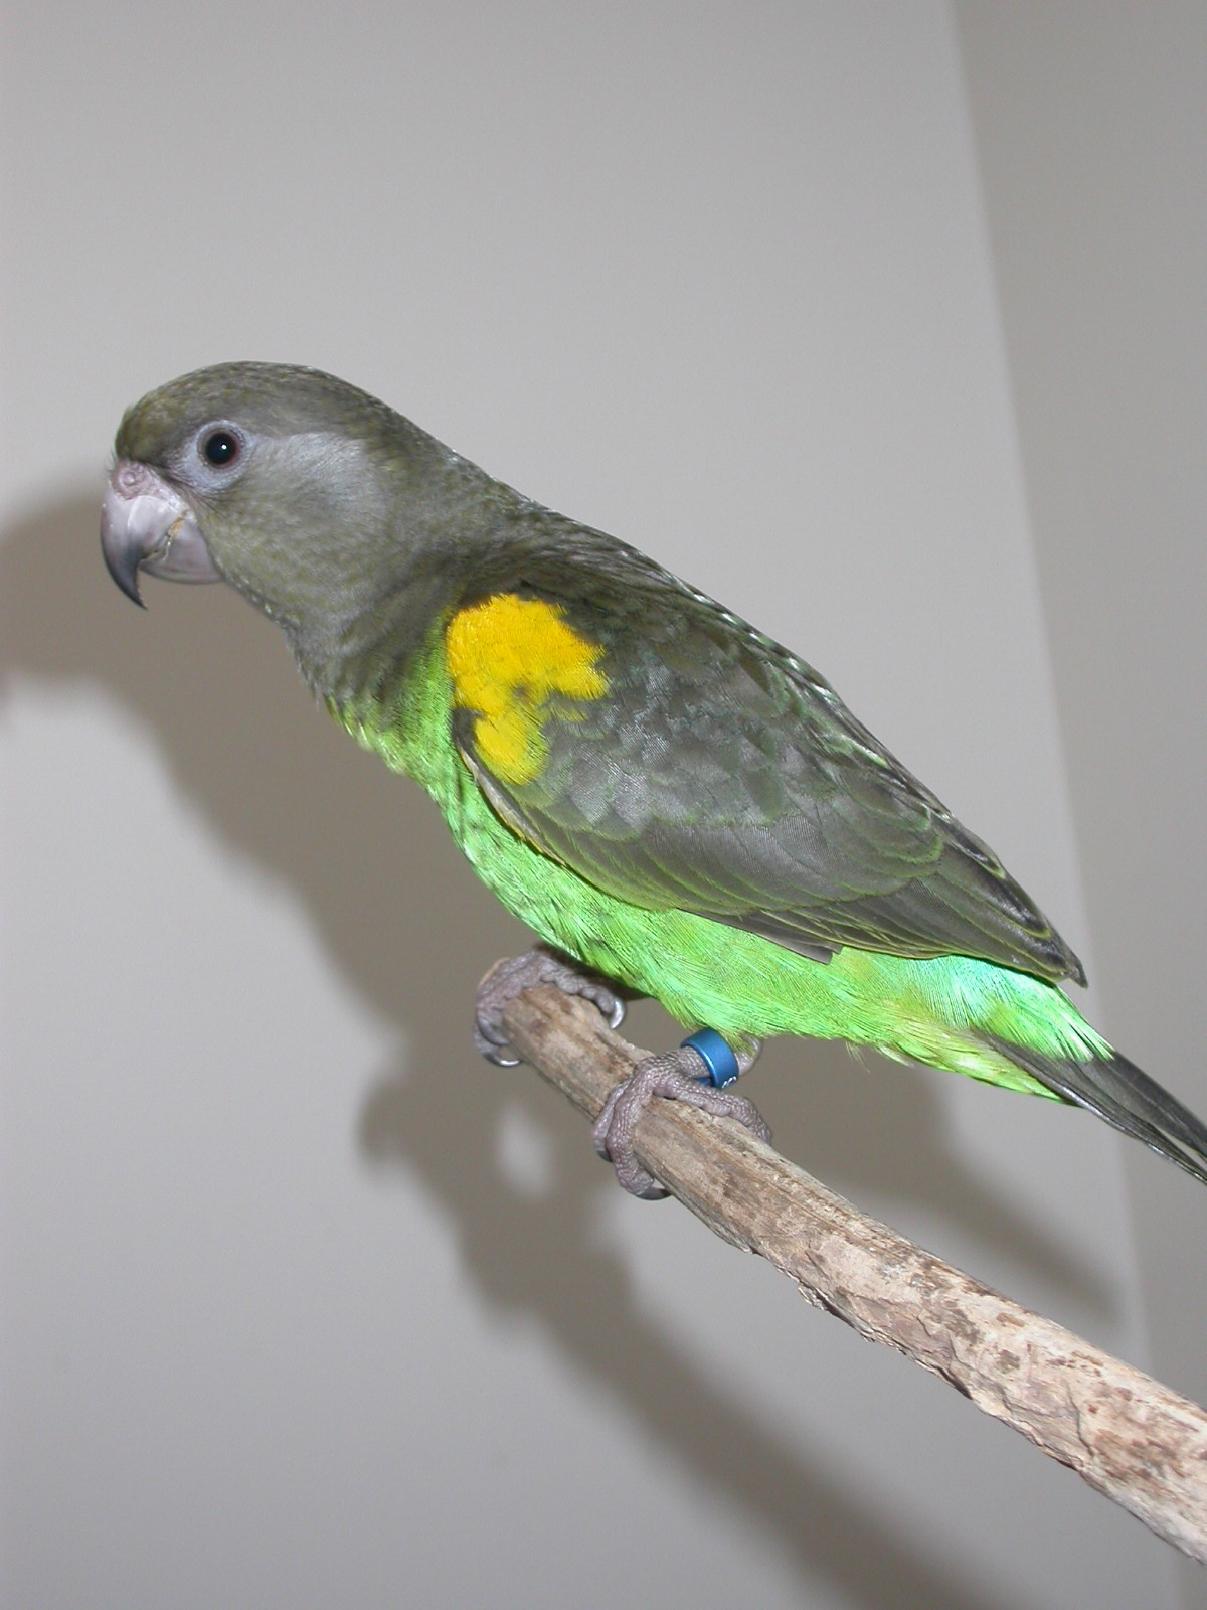 meyers_parrots_-_feeding-1